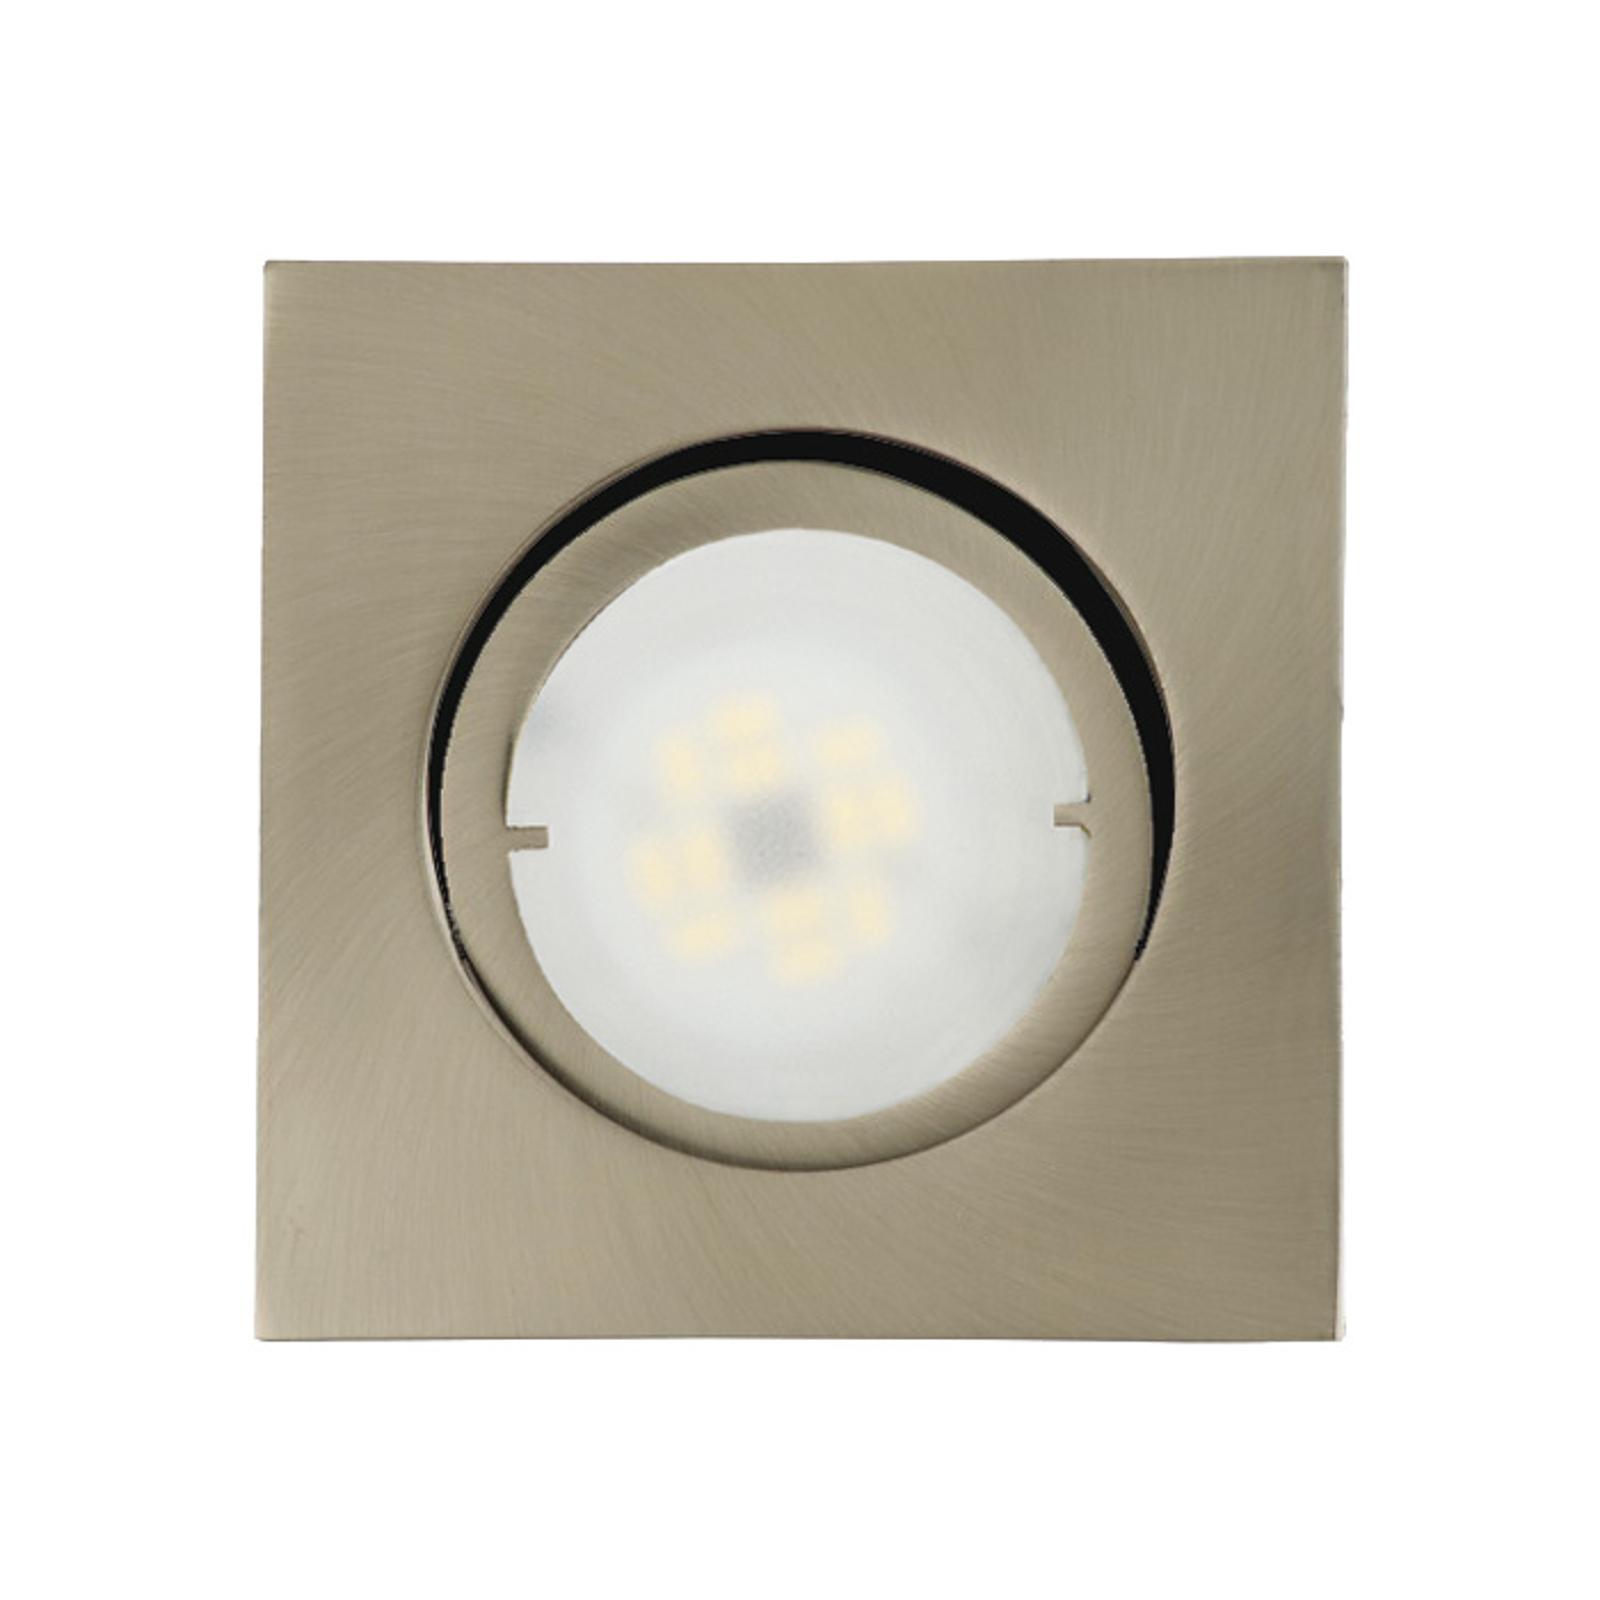 Joanie - LED-indbygningslampe, børstet jern